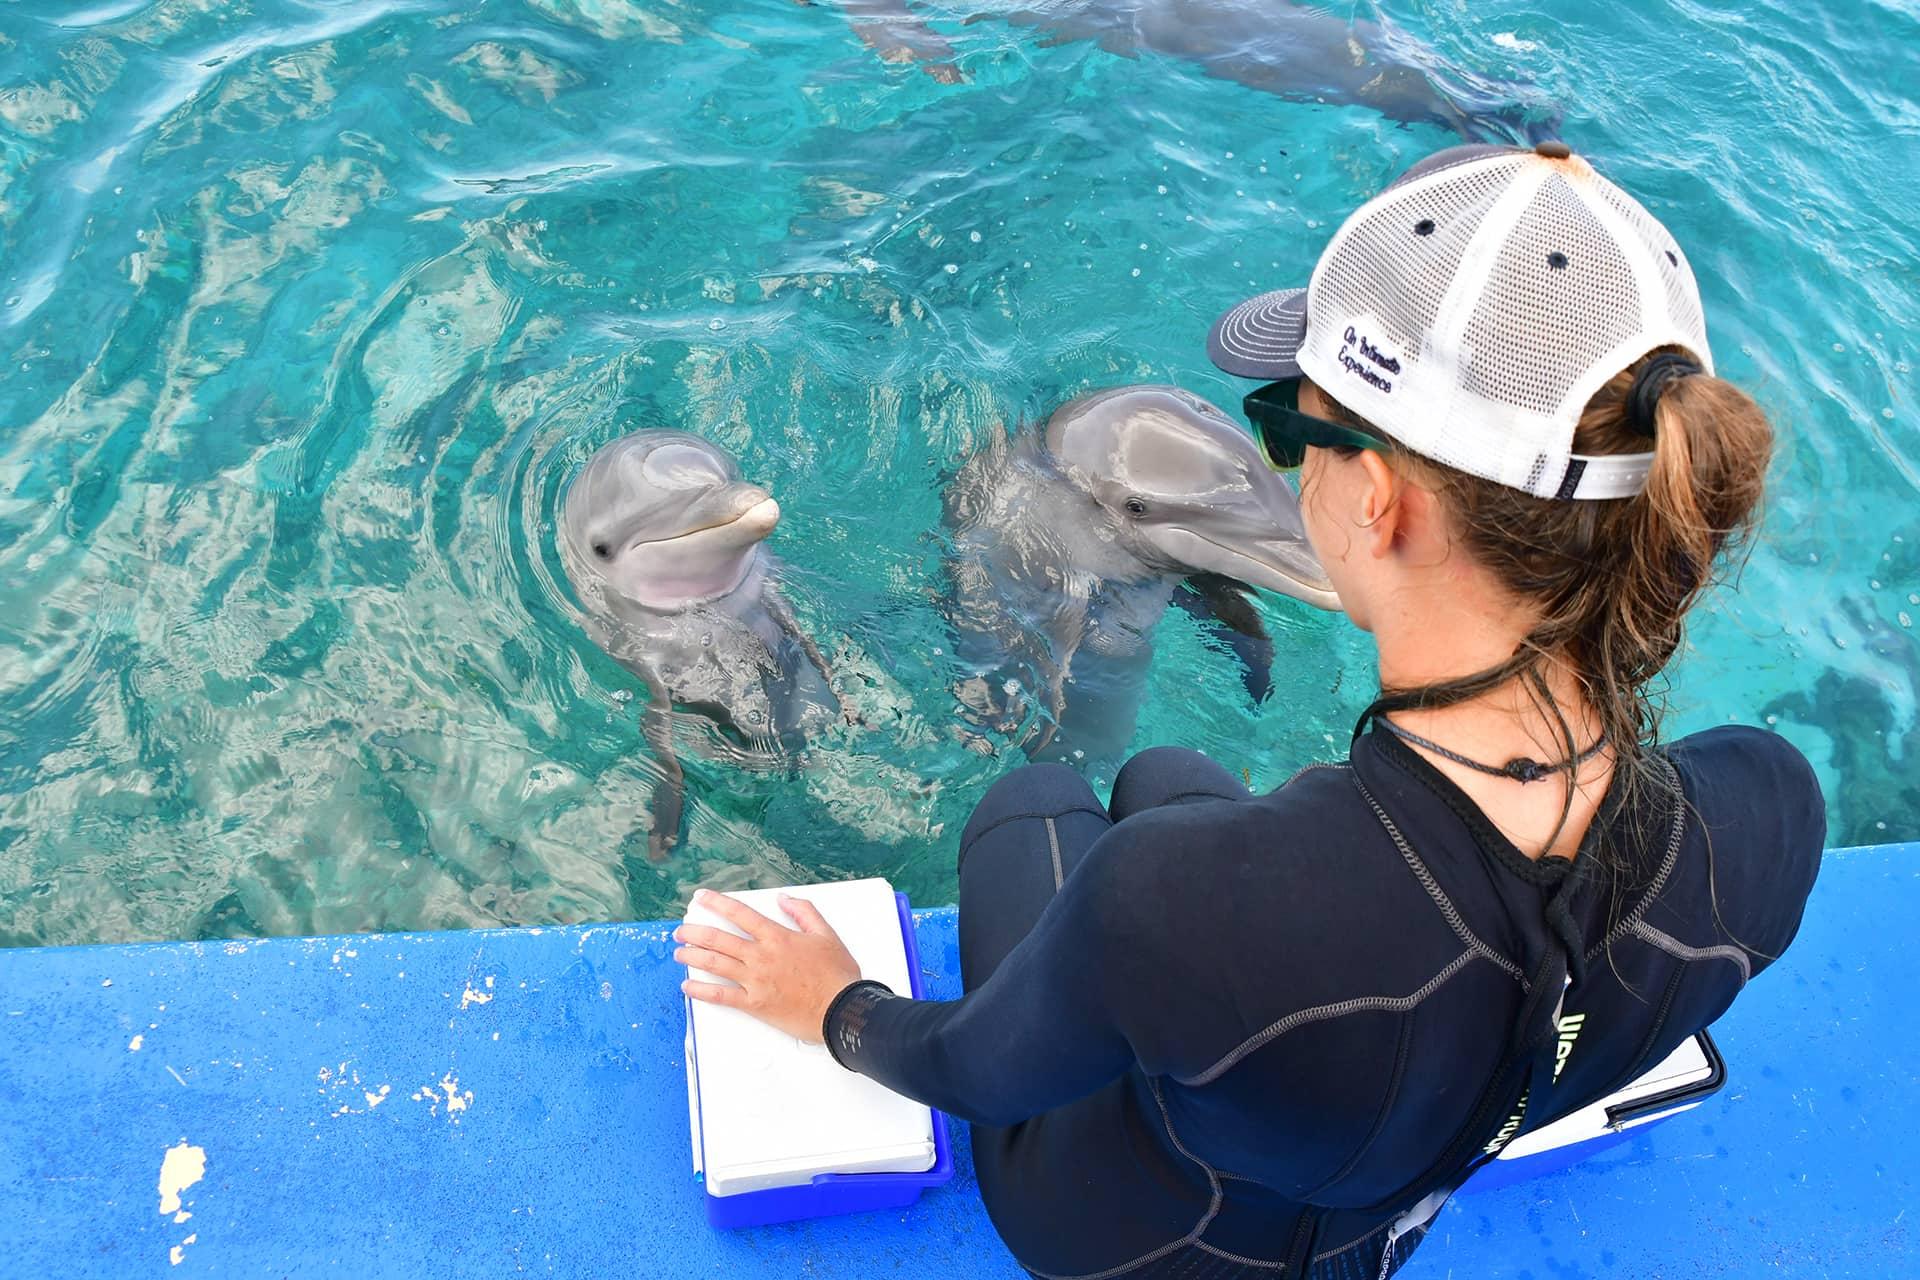 Trainer die over twee dolfijnen waakt op de dolphin academy op Curaçao.